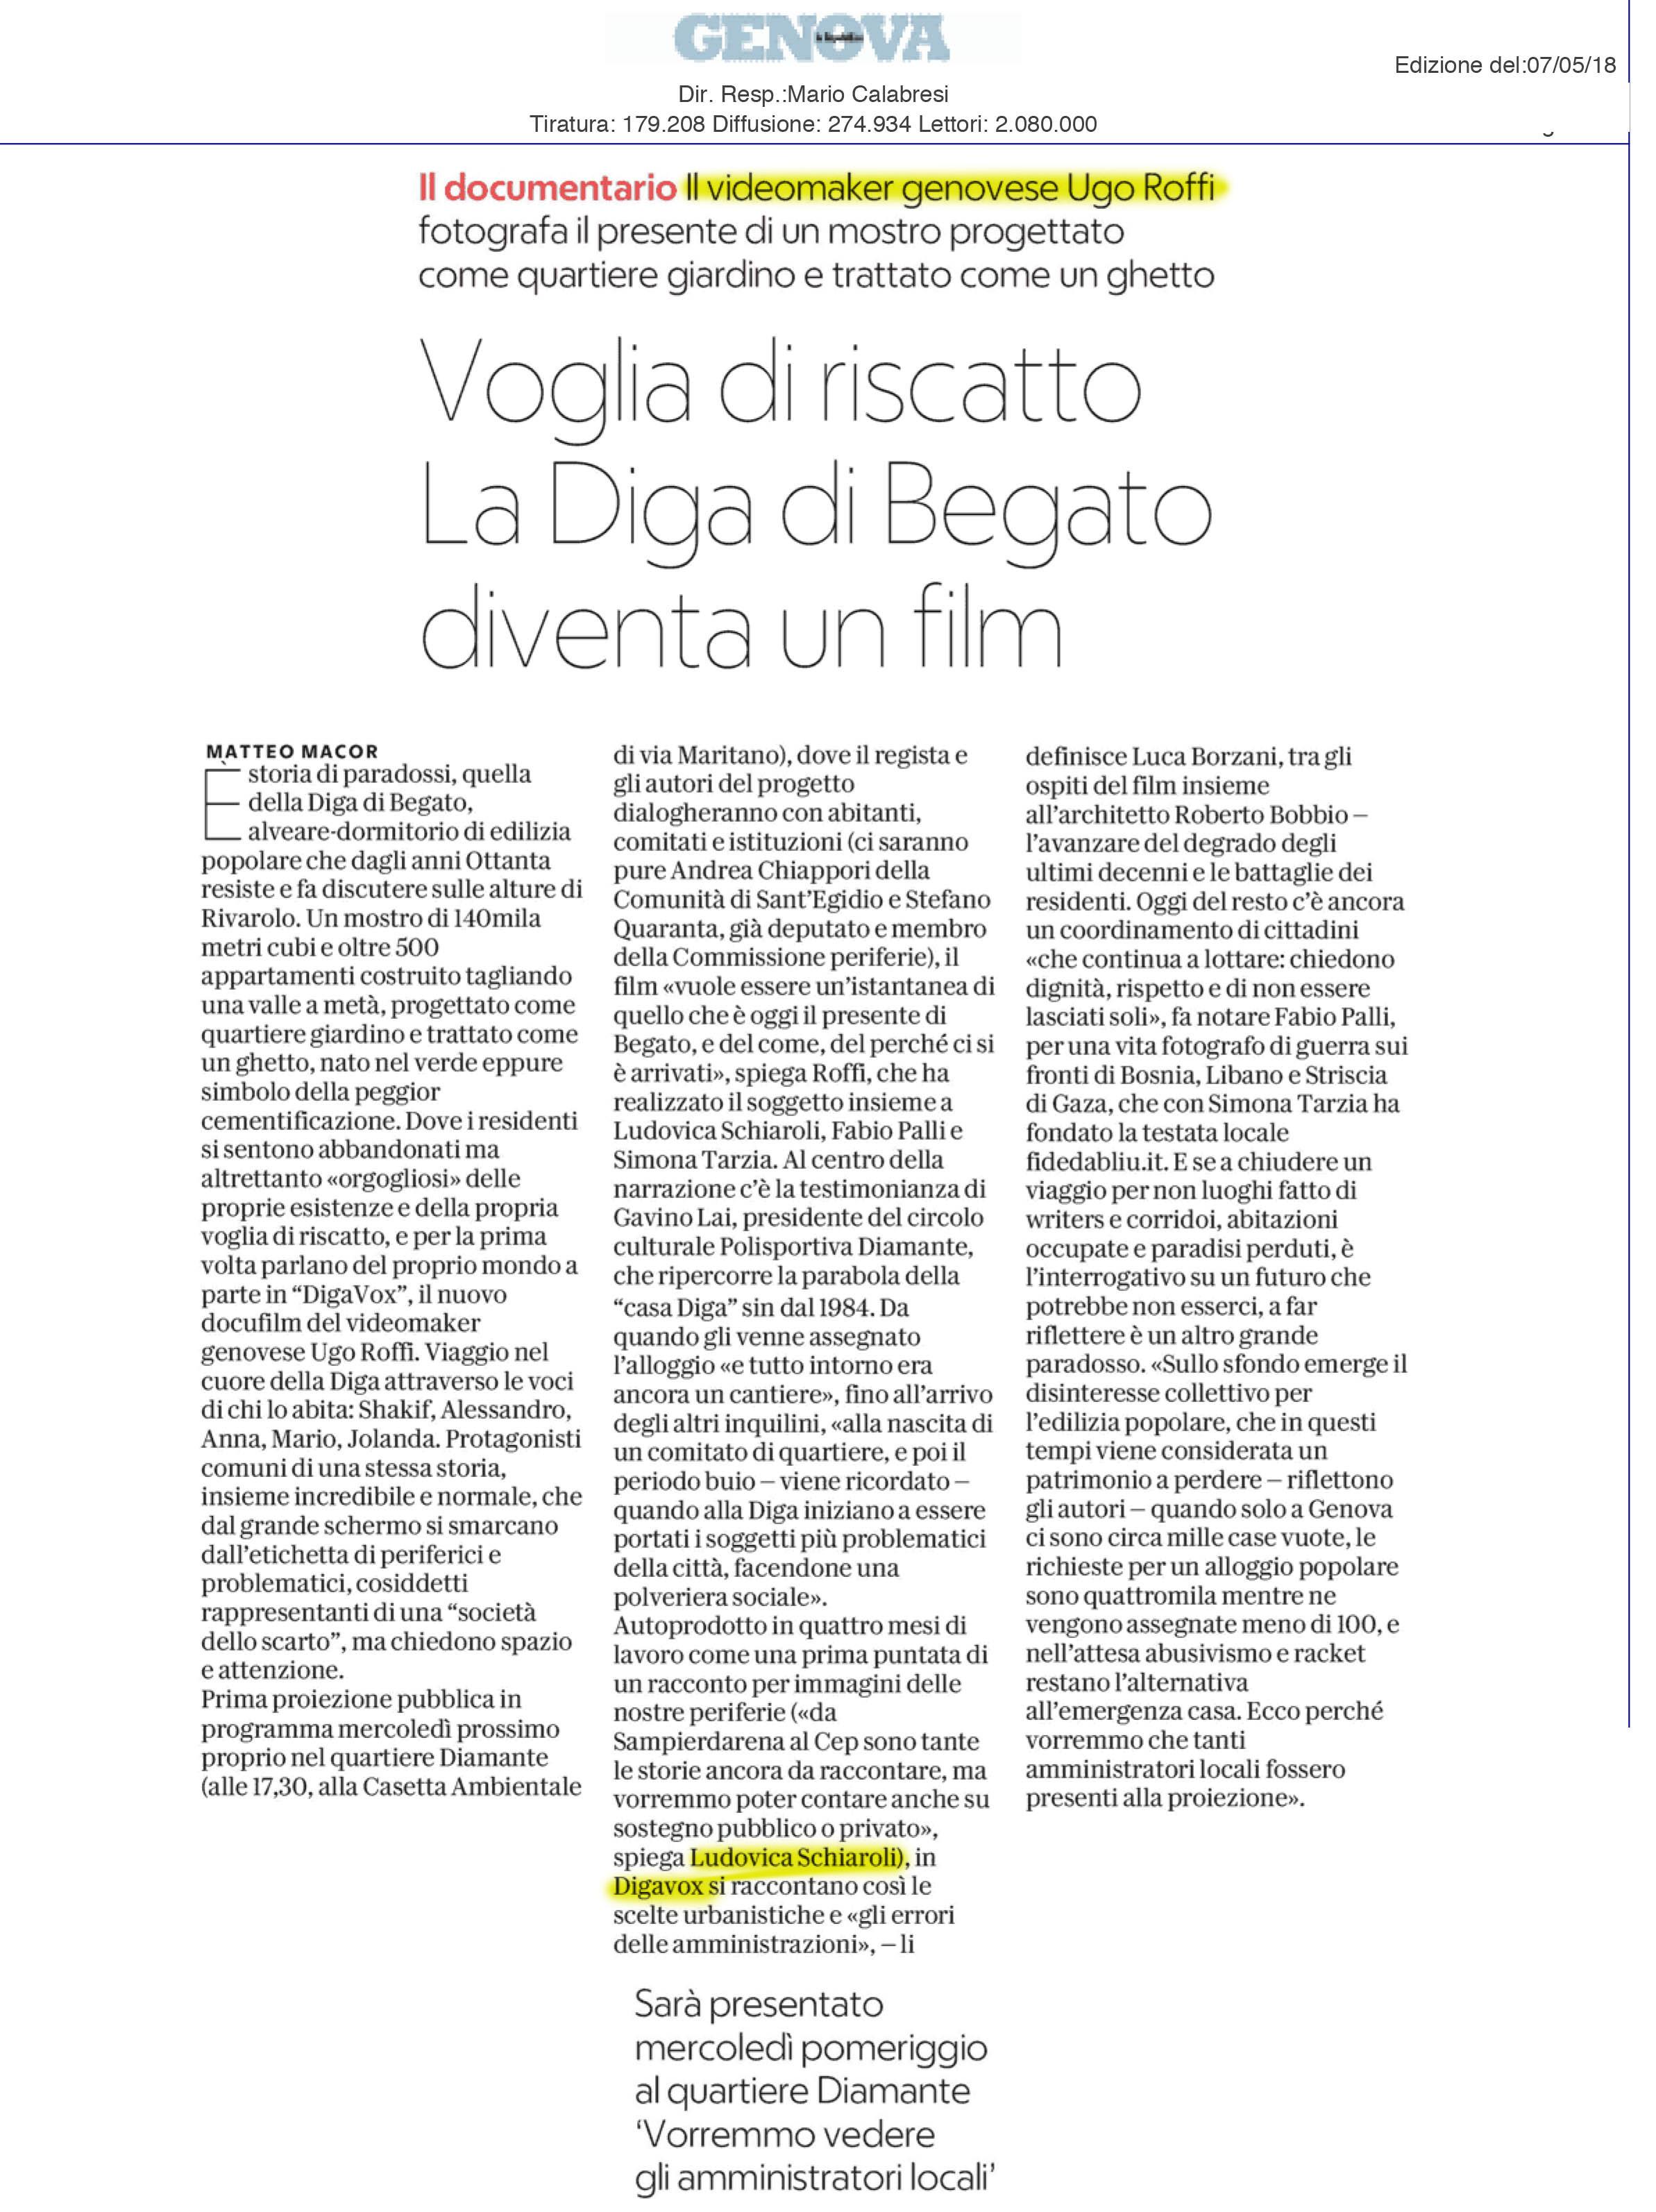 digavox_repubblica1 copia_giallo